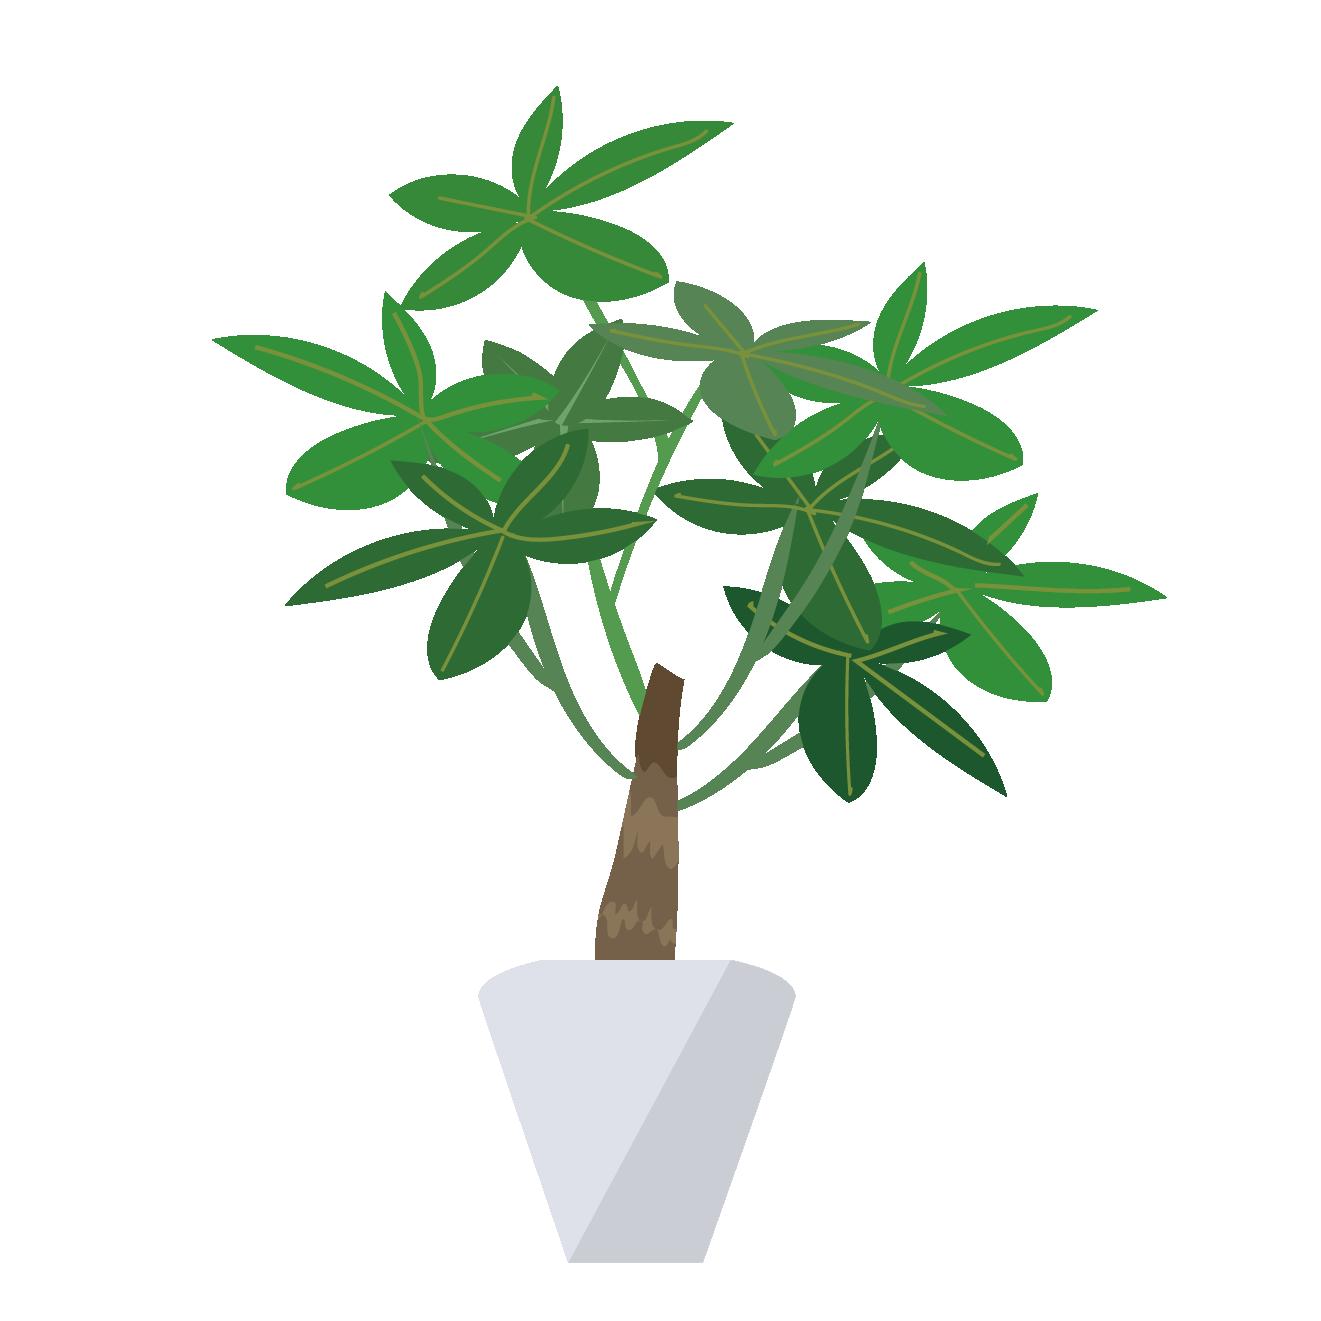 観葉植物パキラのイラスト 商用フリー無料のイラスト素材なら